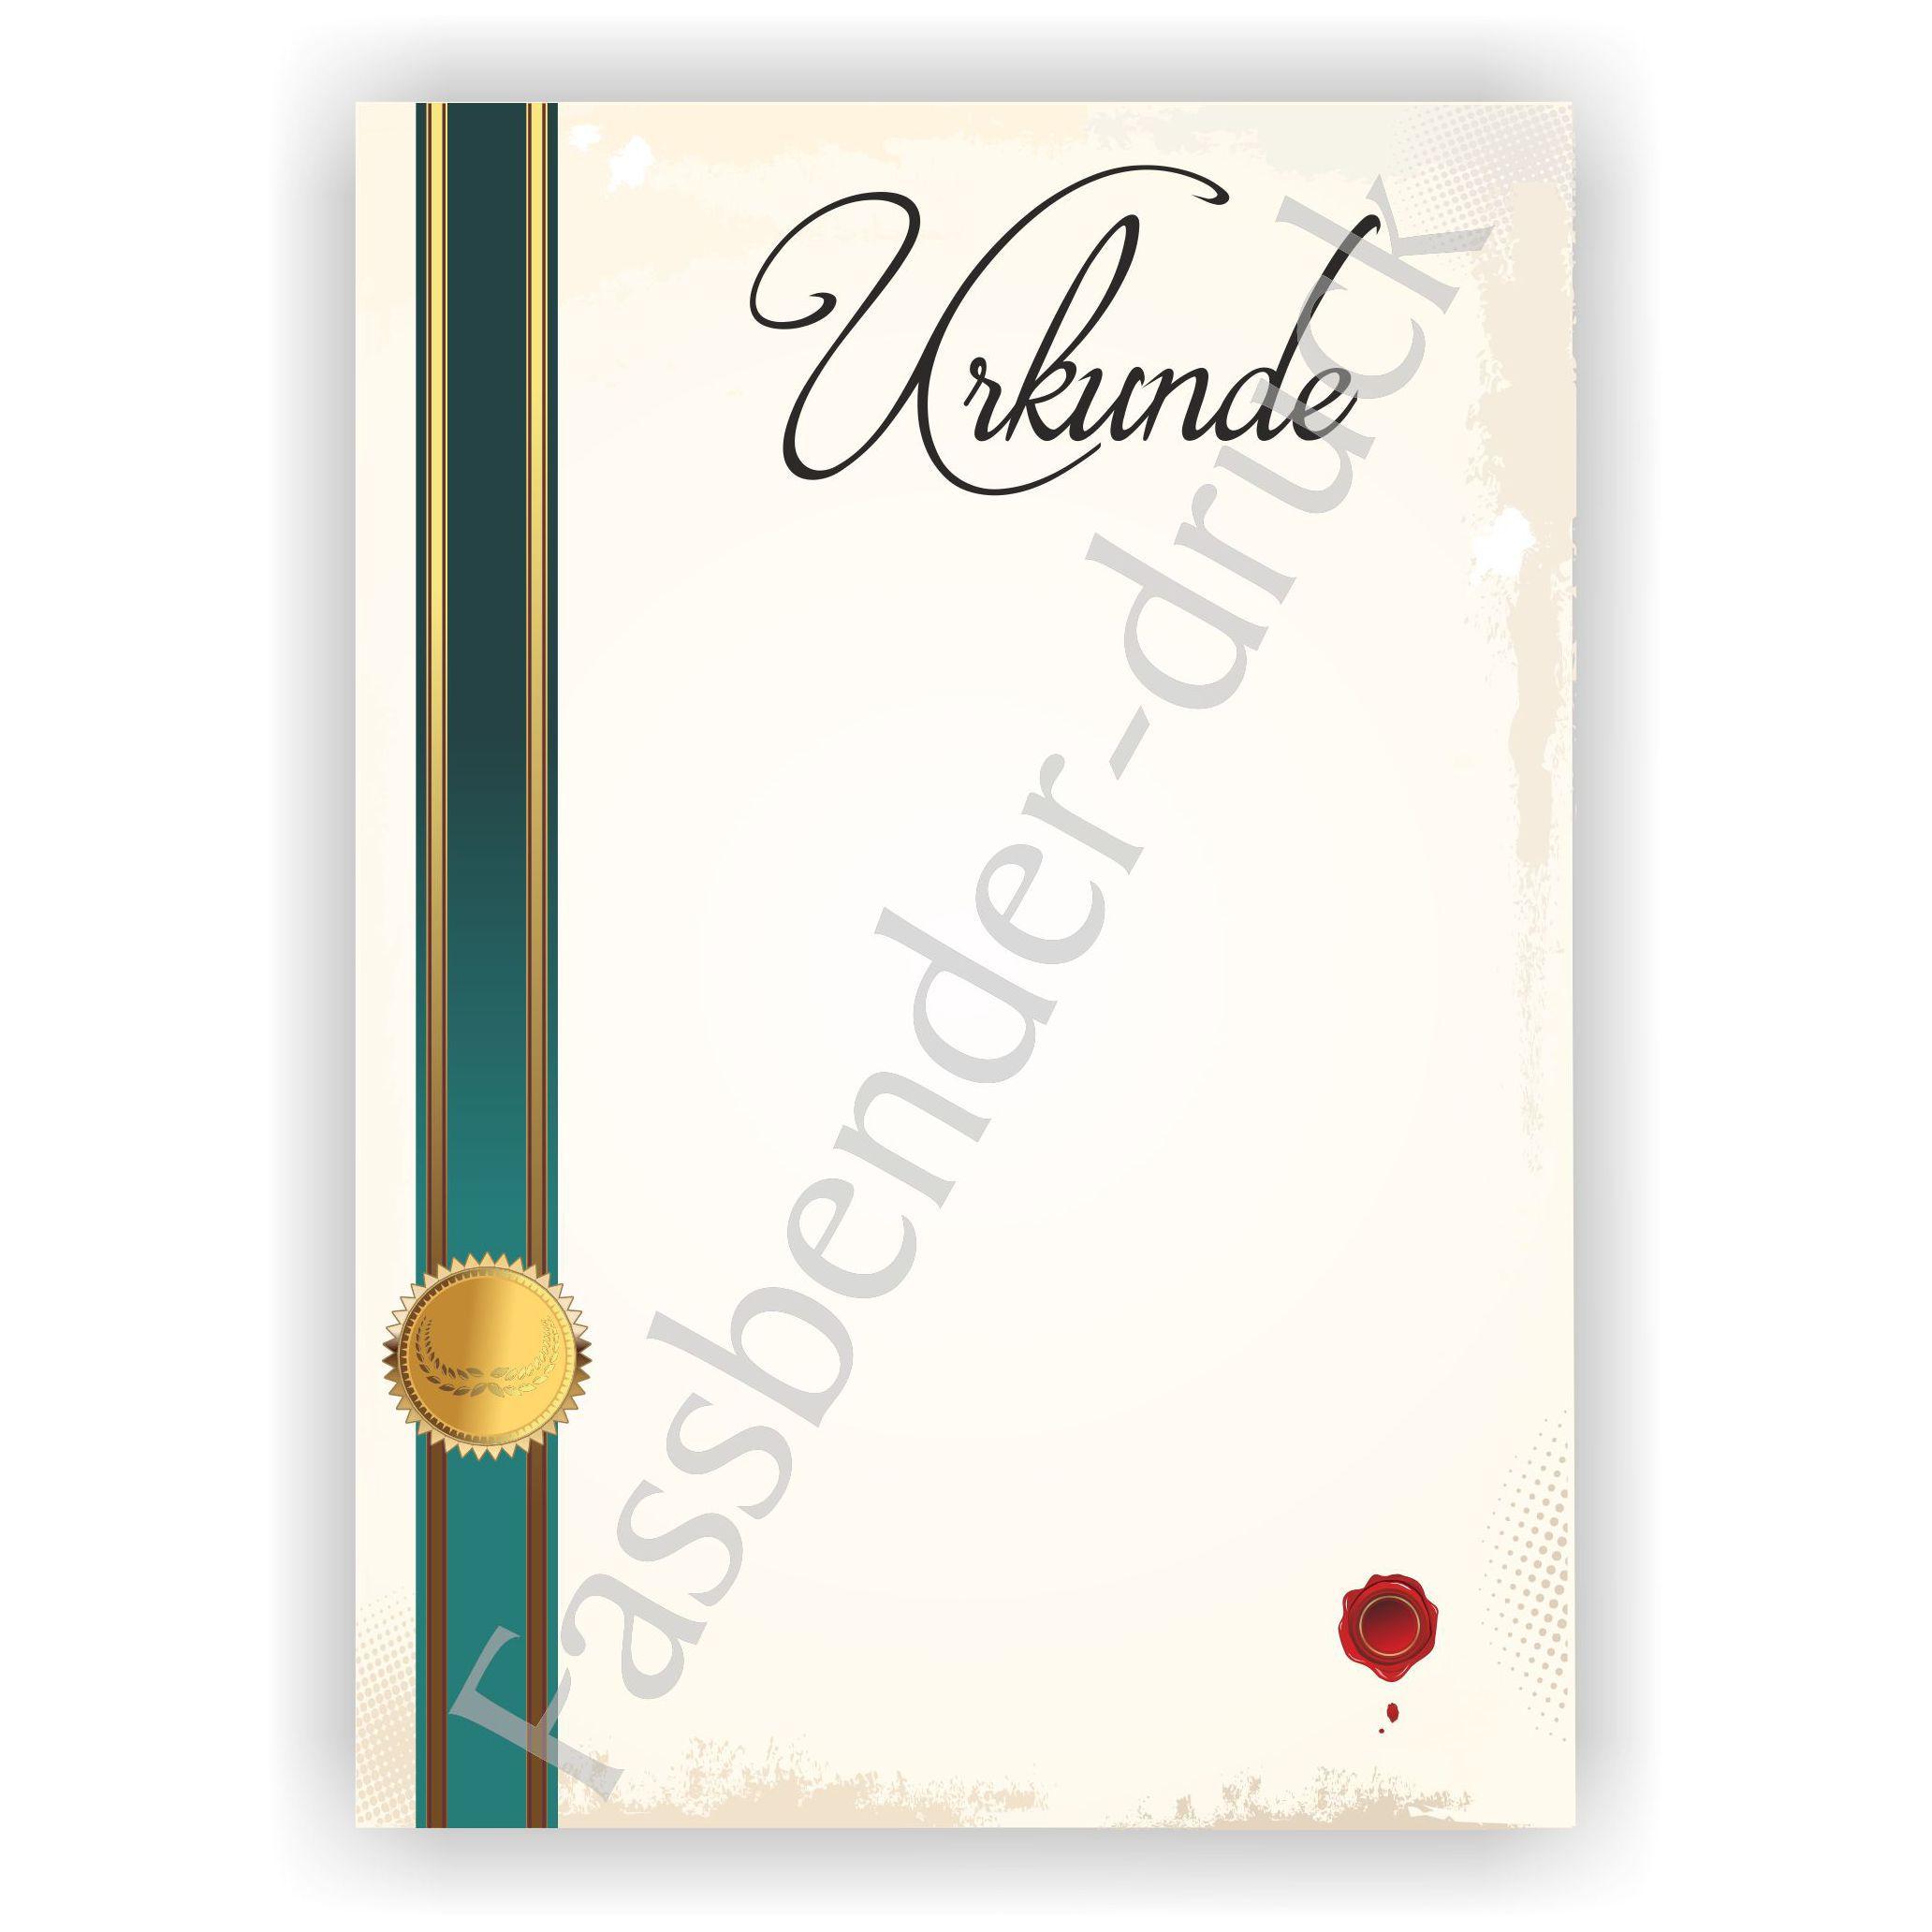 Urkunde 2 Urkundenpapier Offsetpapier I Motivpapier Designpapier I Mengenstaffel